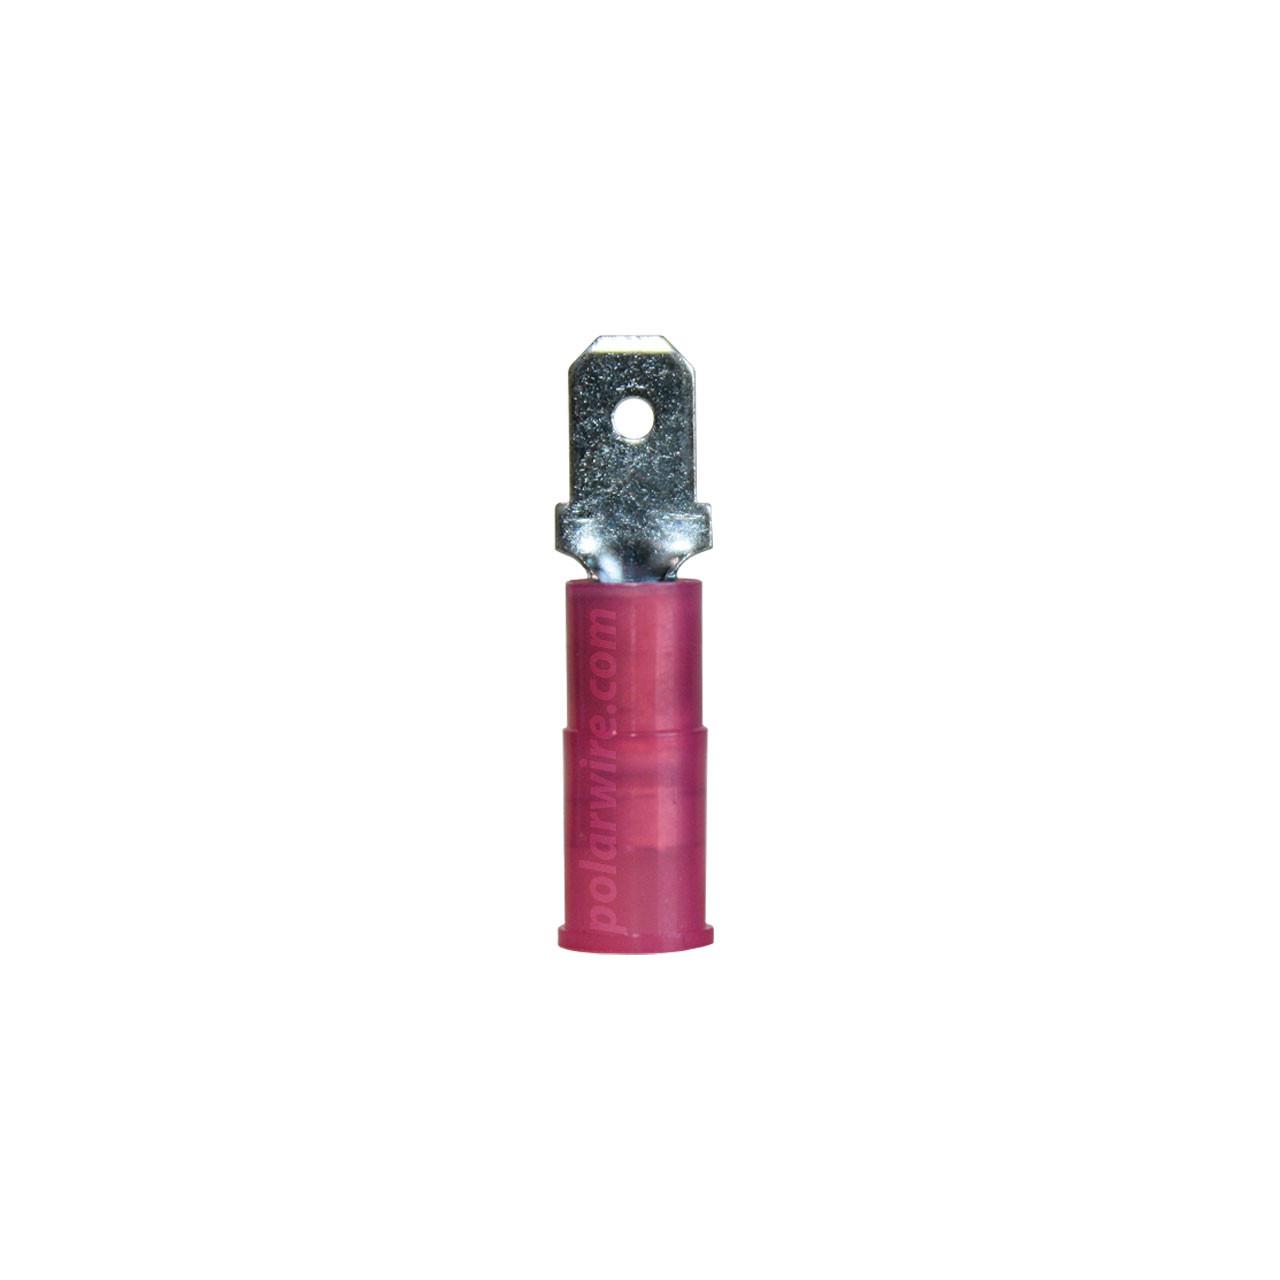 NYLON SLIDE-M 22-18GA.187  MALE 100 PACK MOLEX